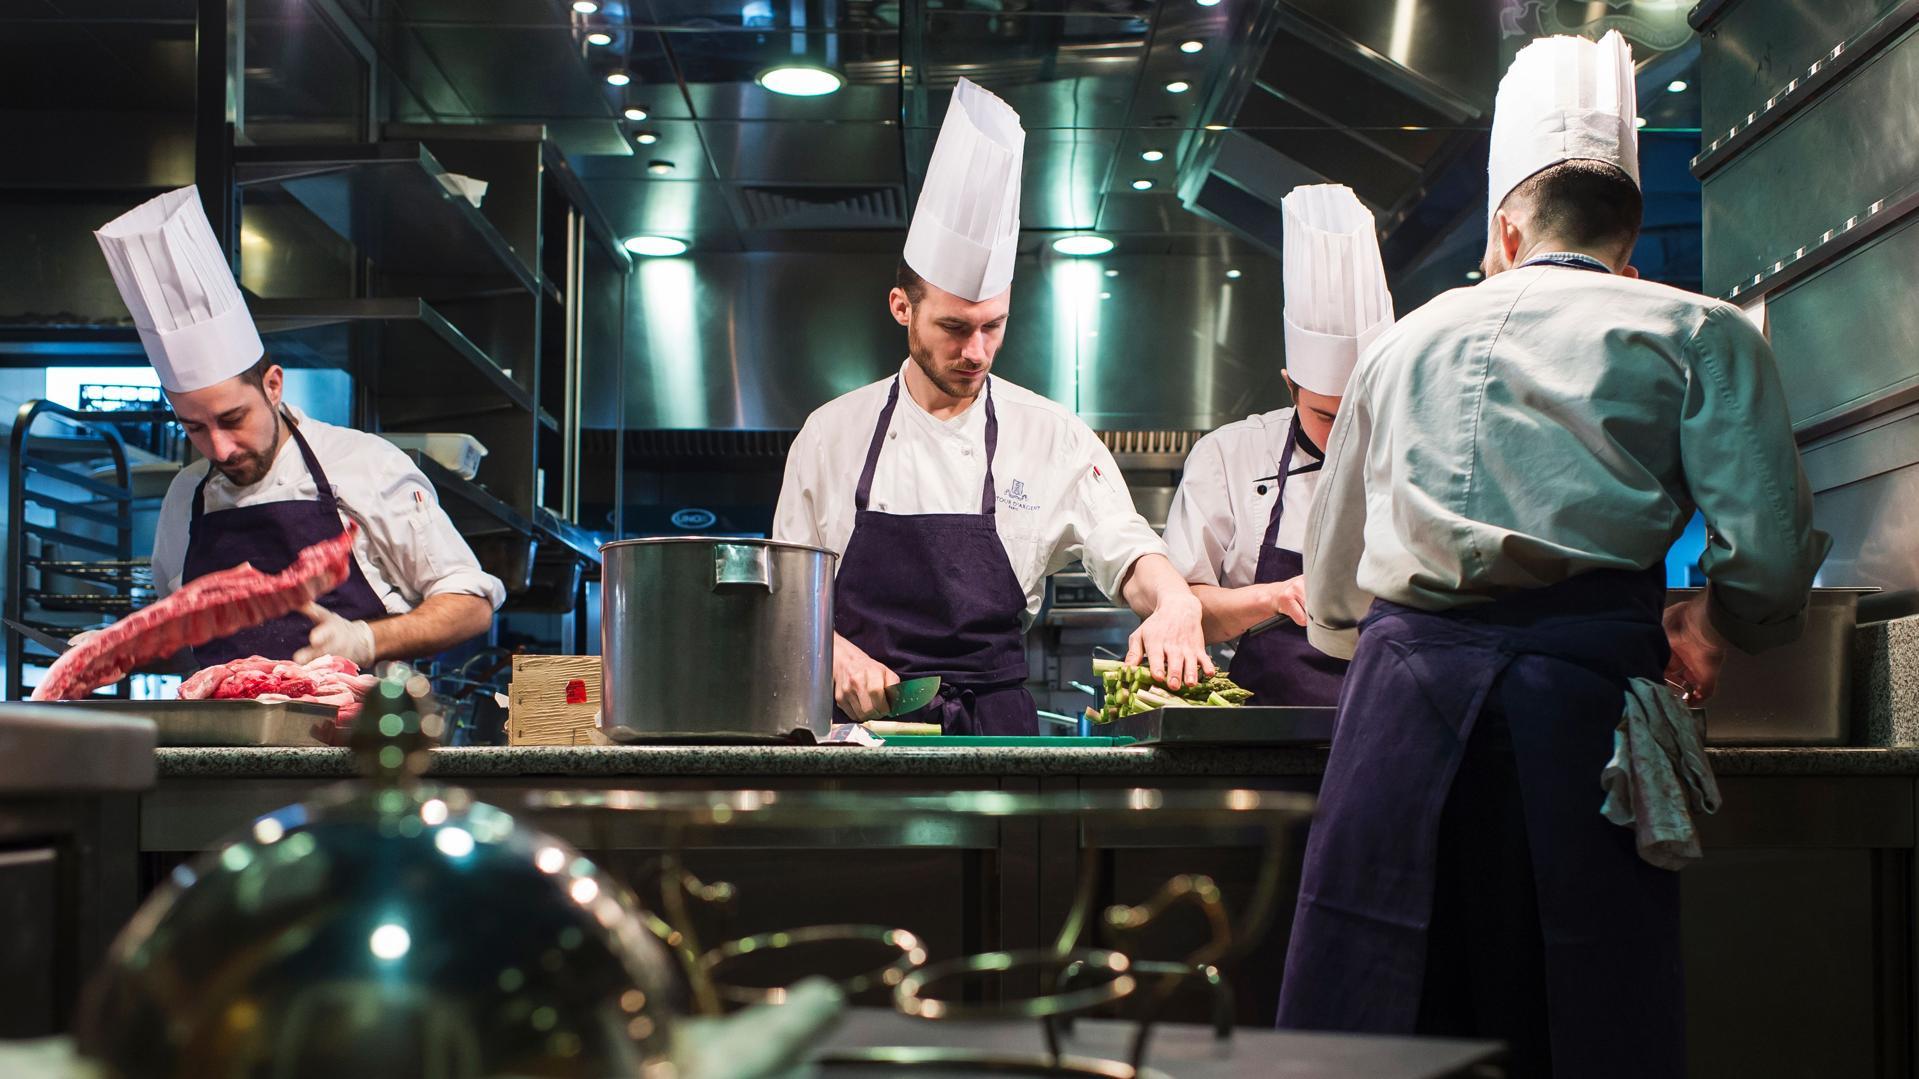 The Tour d'Argent restaurant in Paris